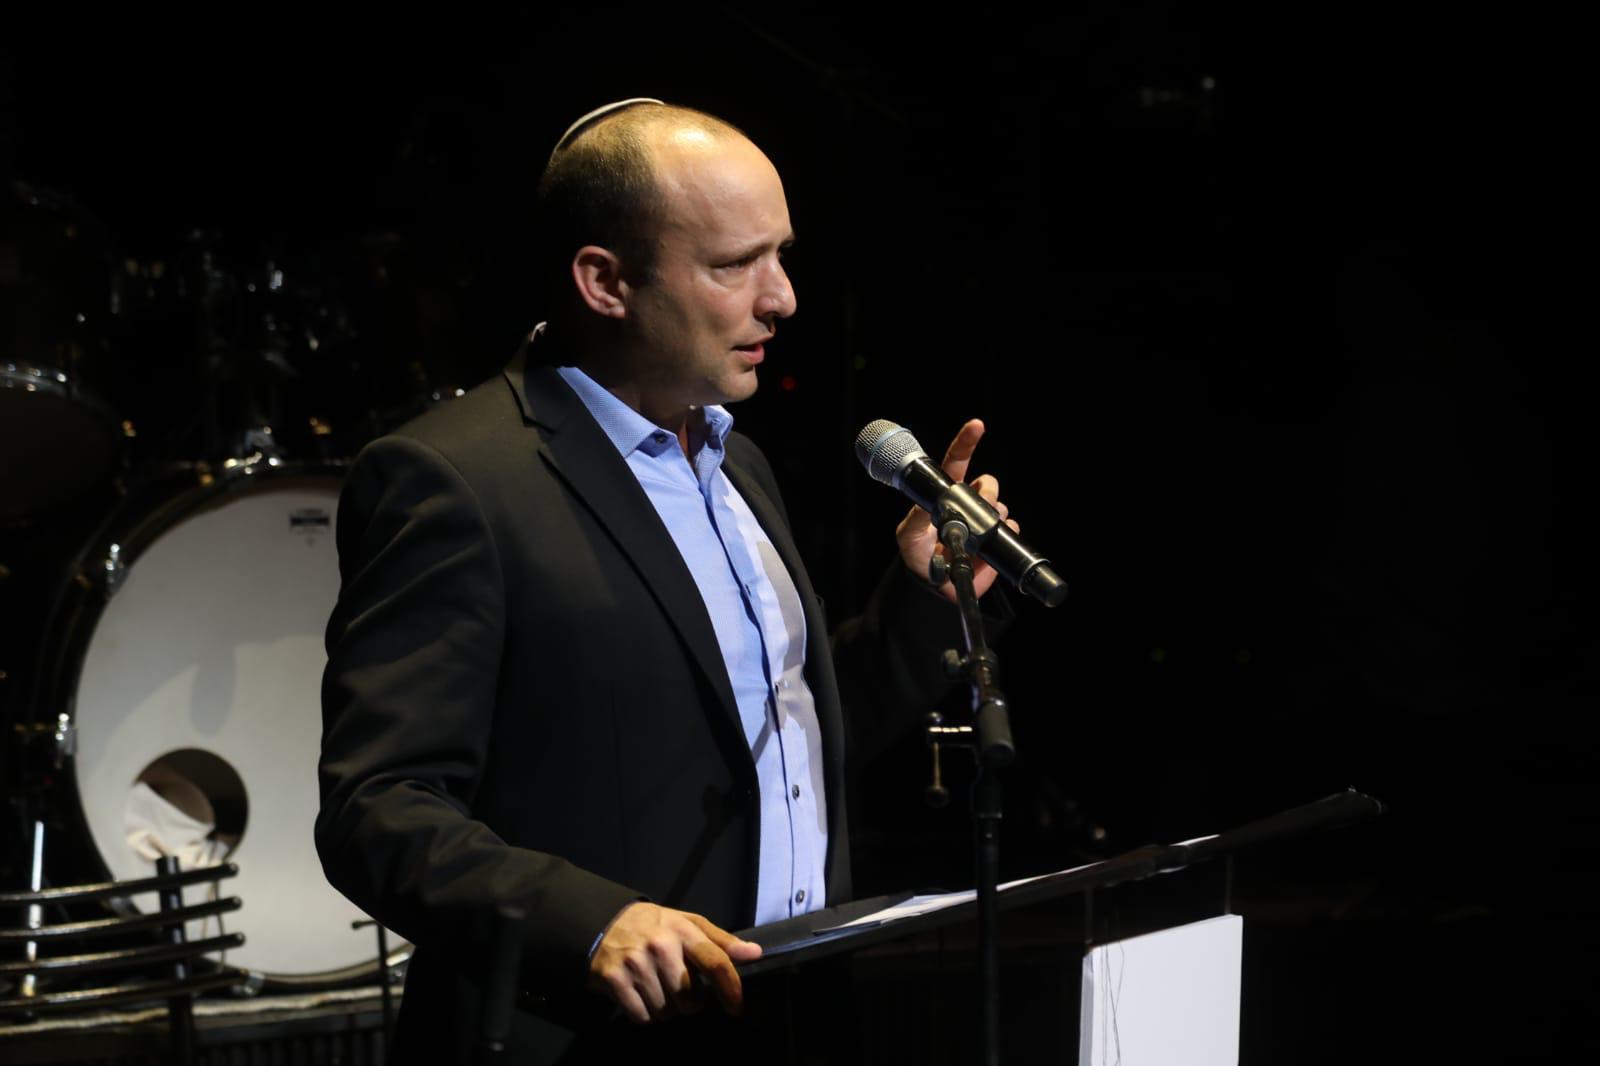 צילום: גדעון מרקוביץ